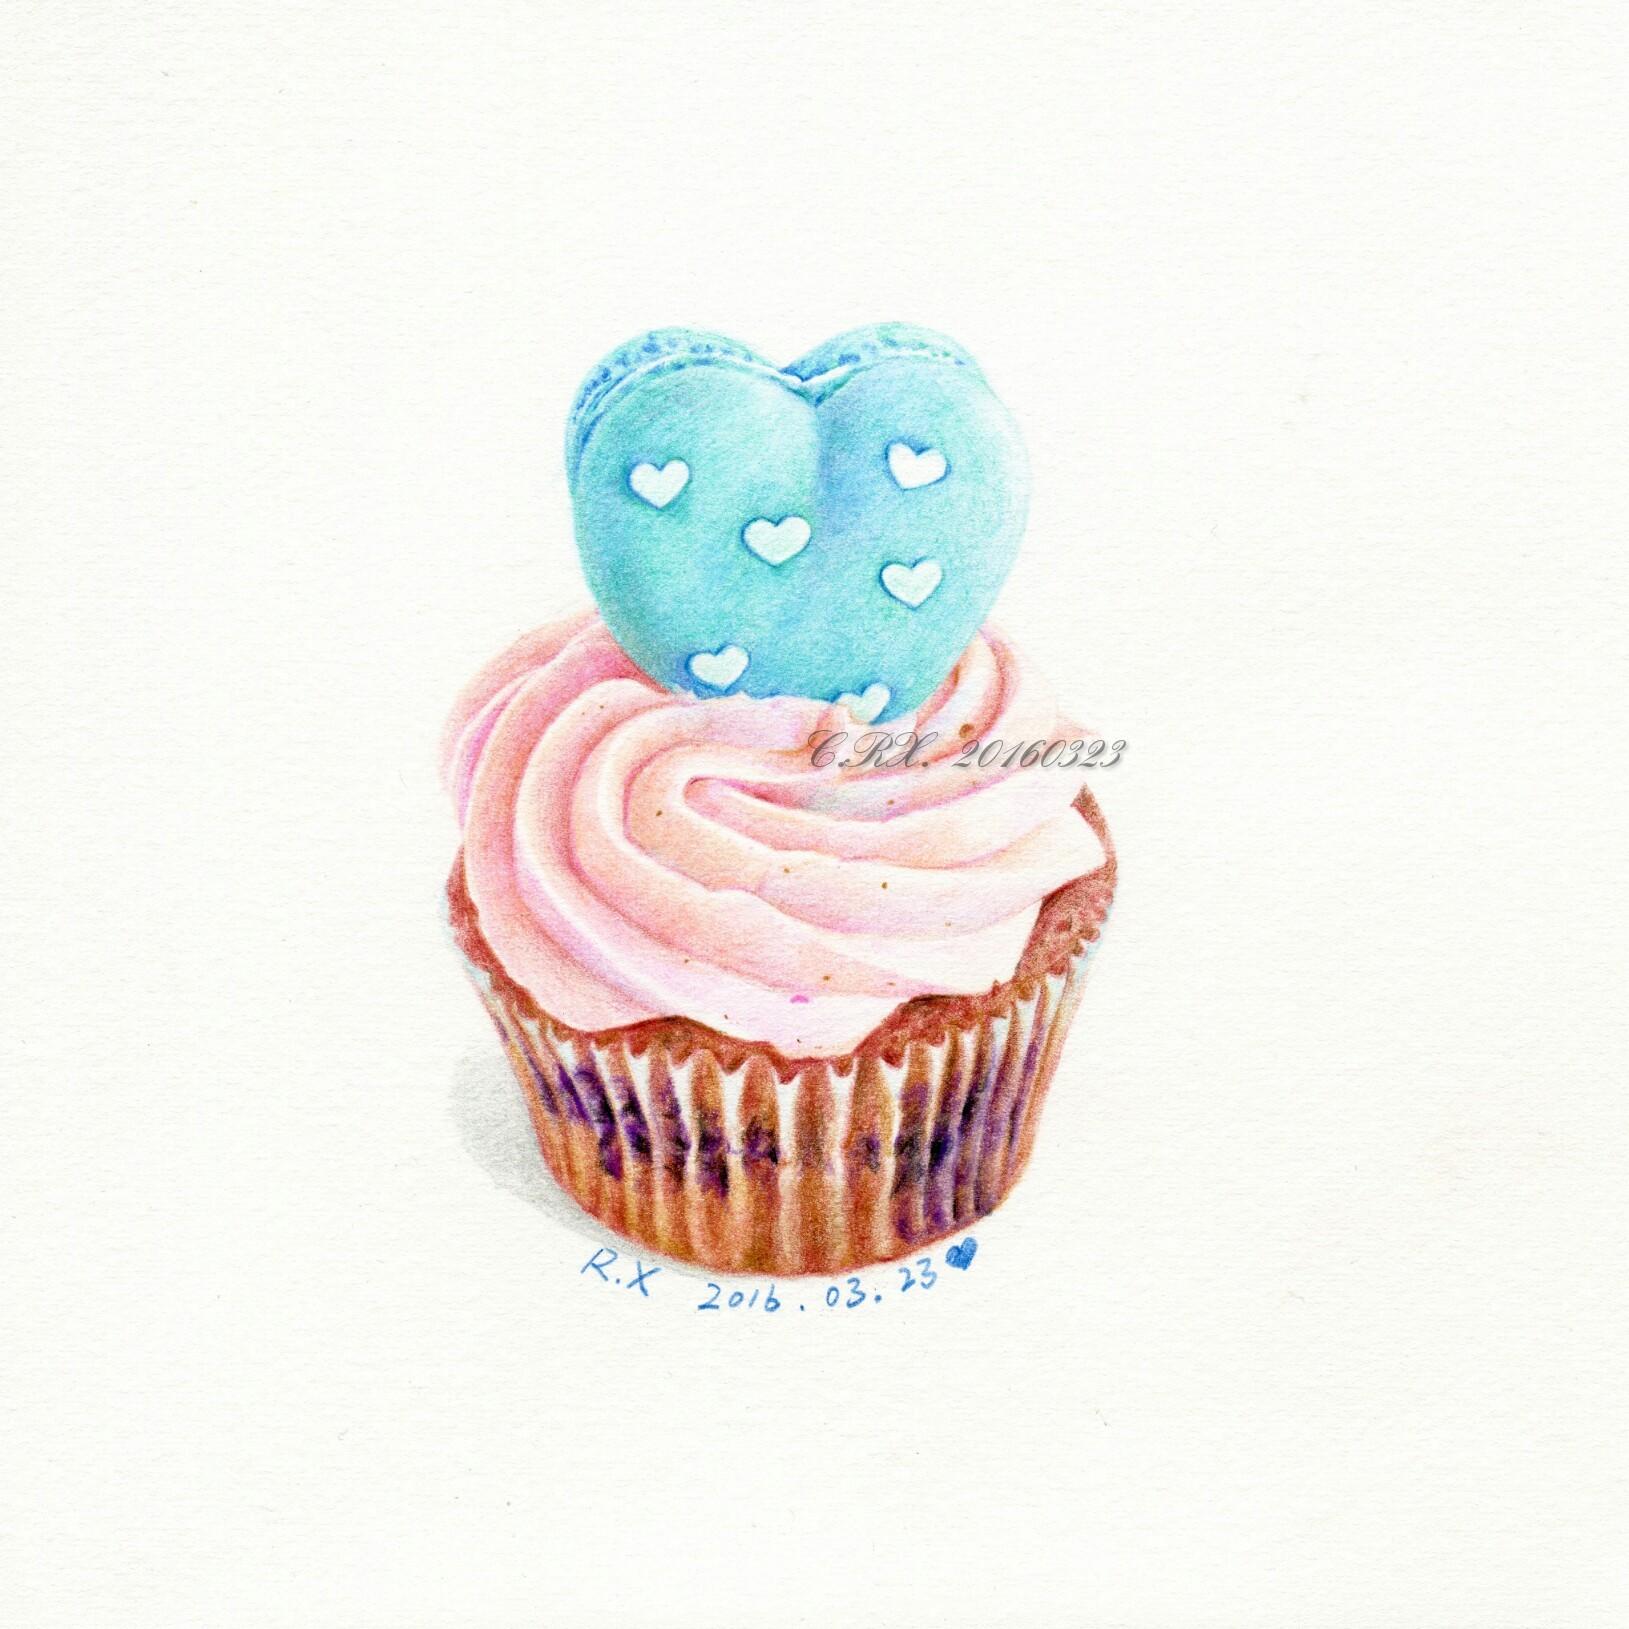 【彩铅甜品】马卡龙小蛋糕